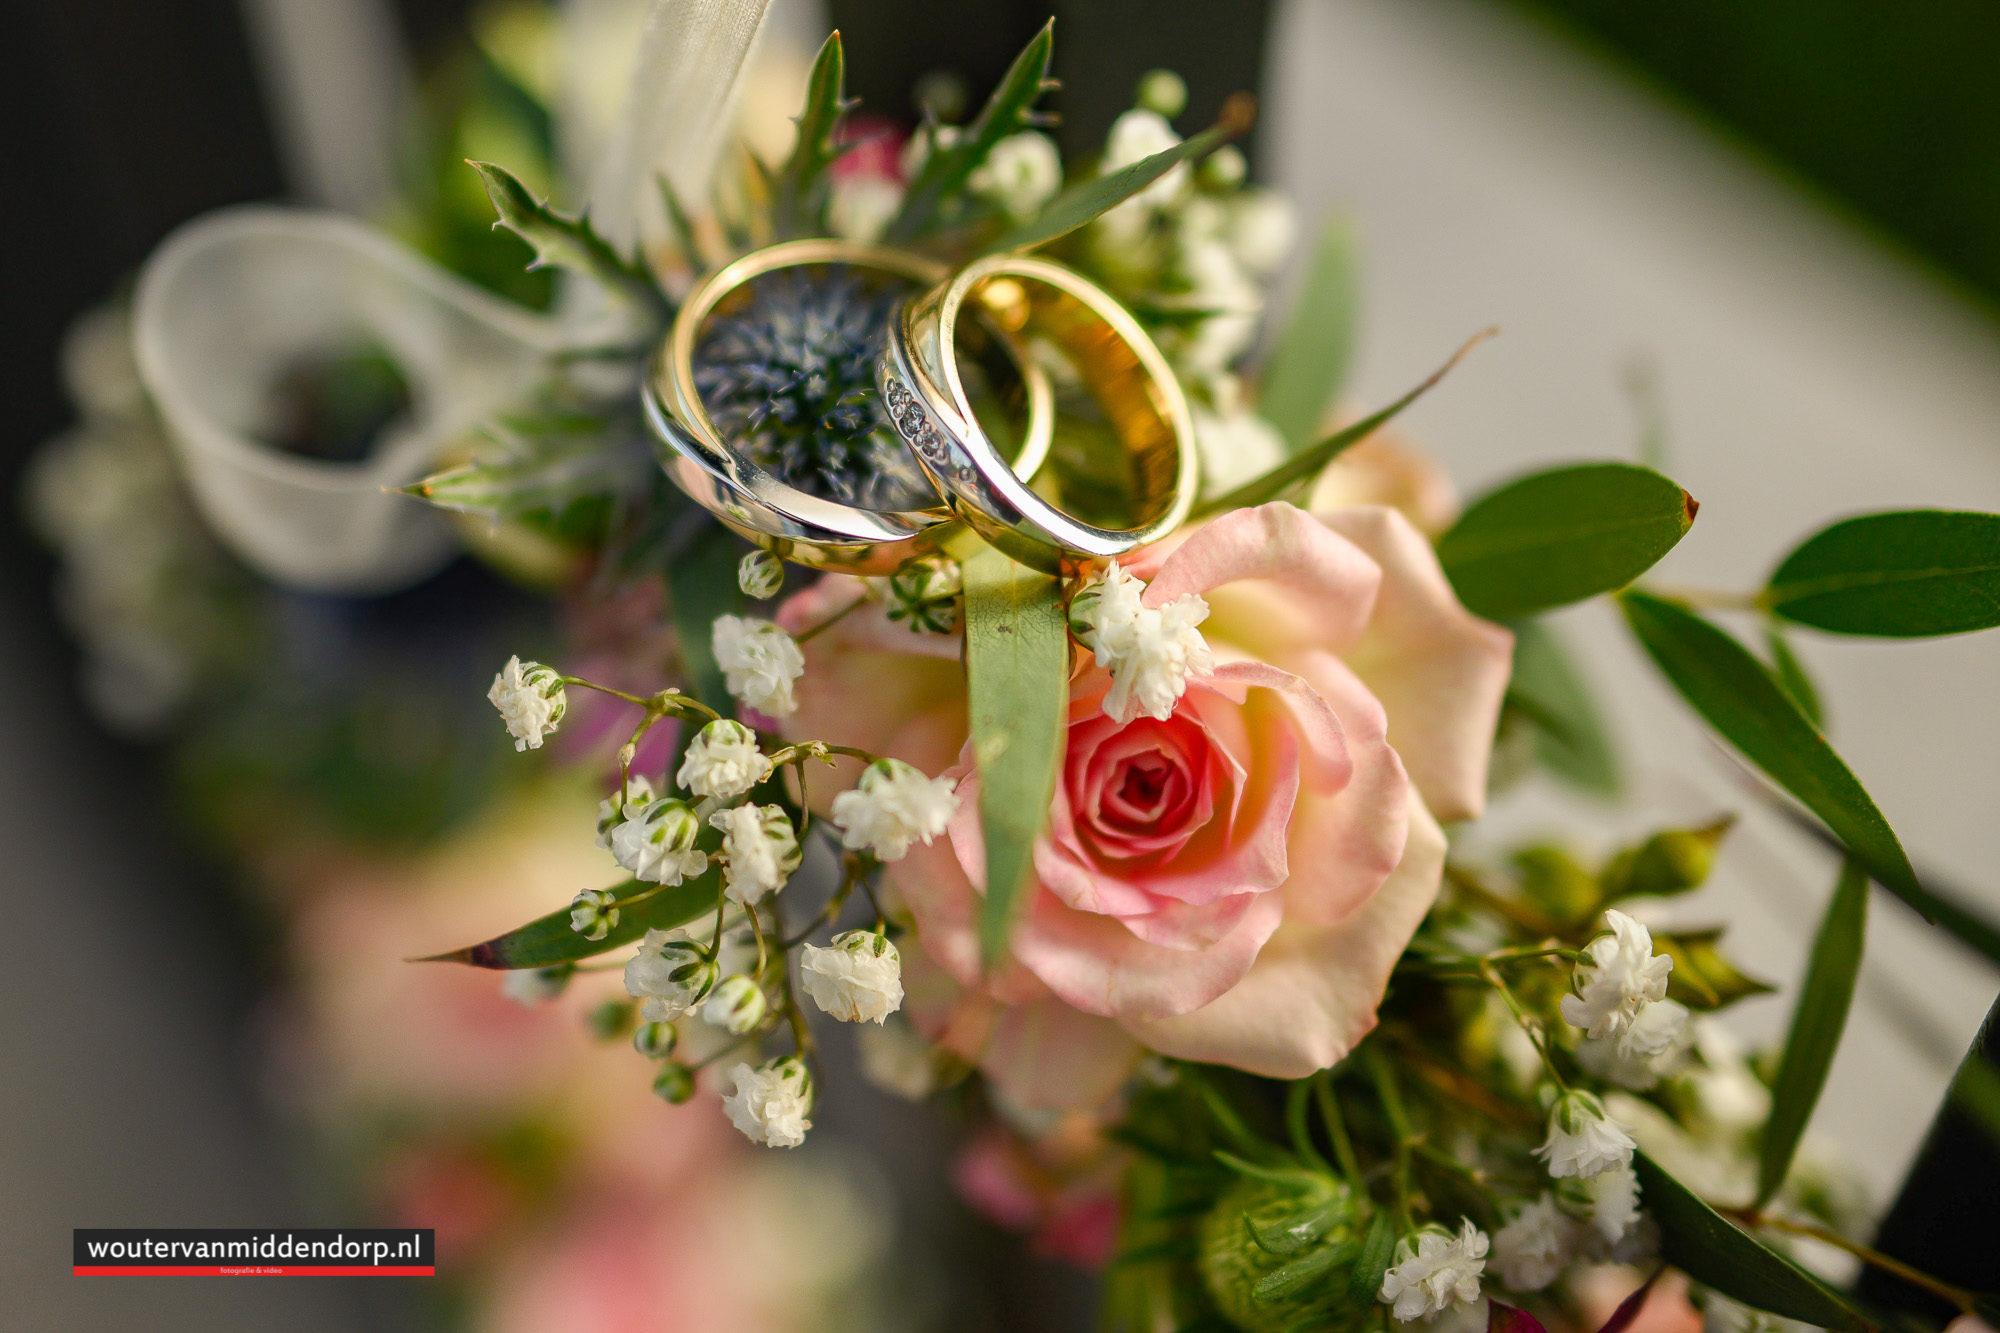 Trouwen, fotograaf, Bruidsfotografie, Wouter van Middendorp, trouwringen